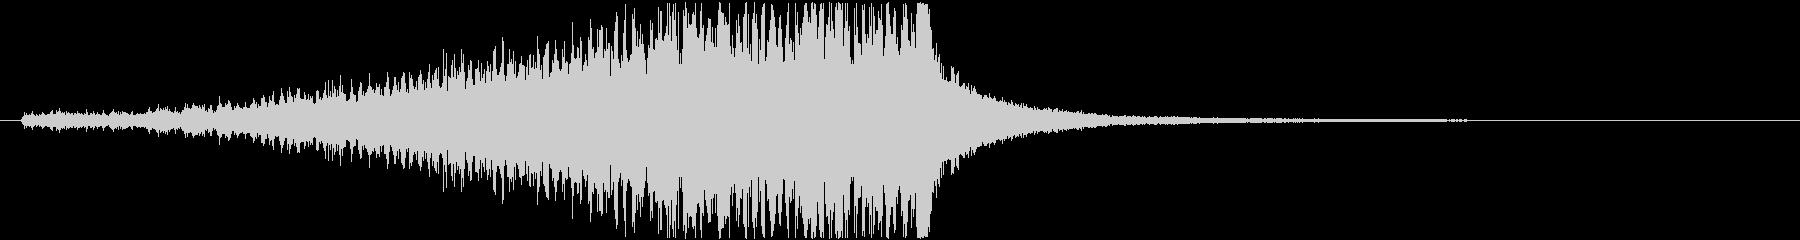 ドラムロールE(長め・シンバル有り)の未再生の波形